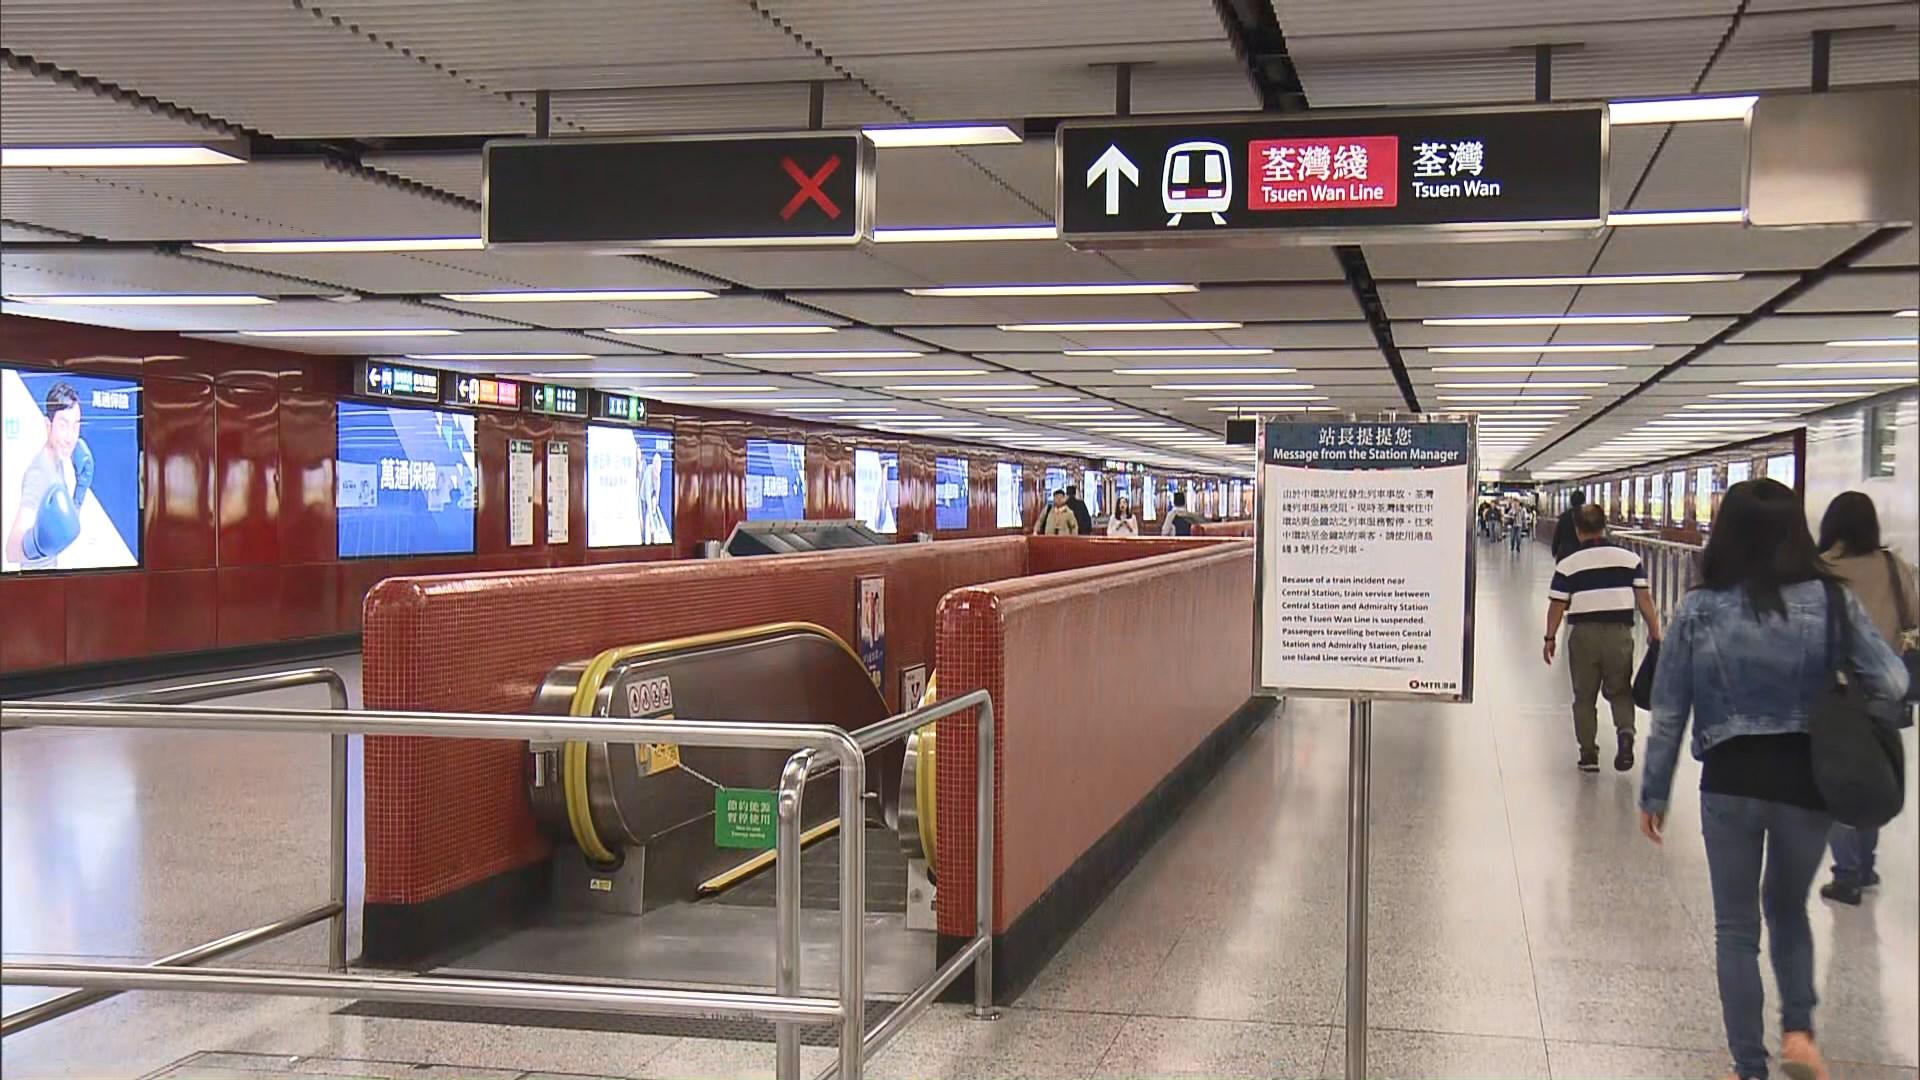 港鐵呼籲乘客預留充裕行程時間